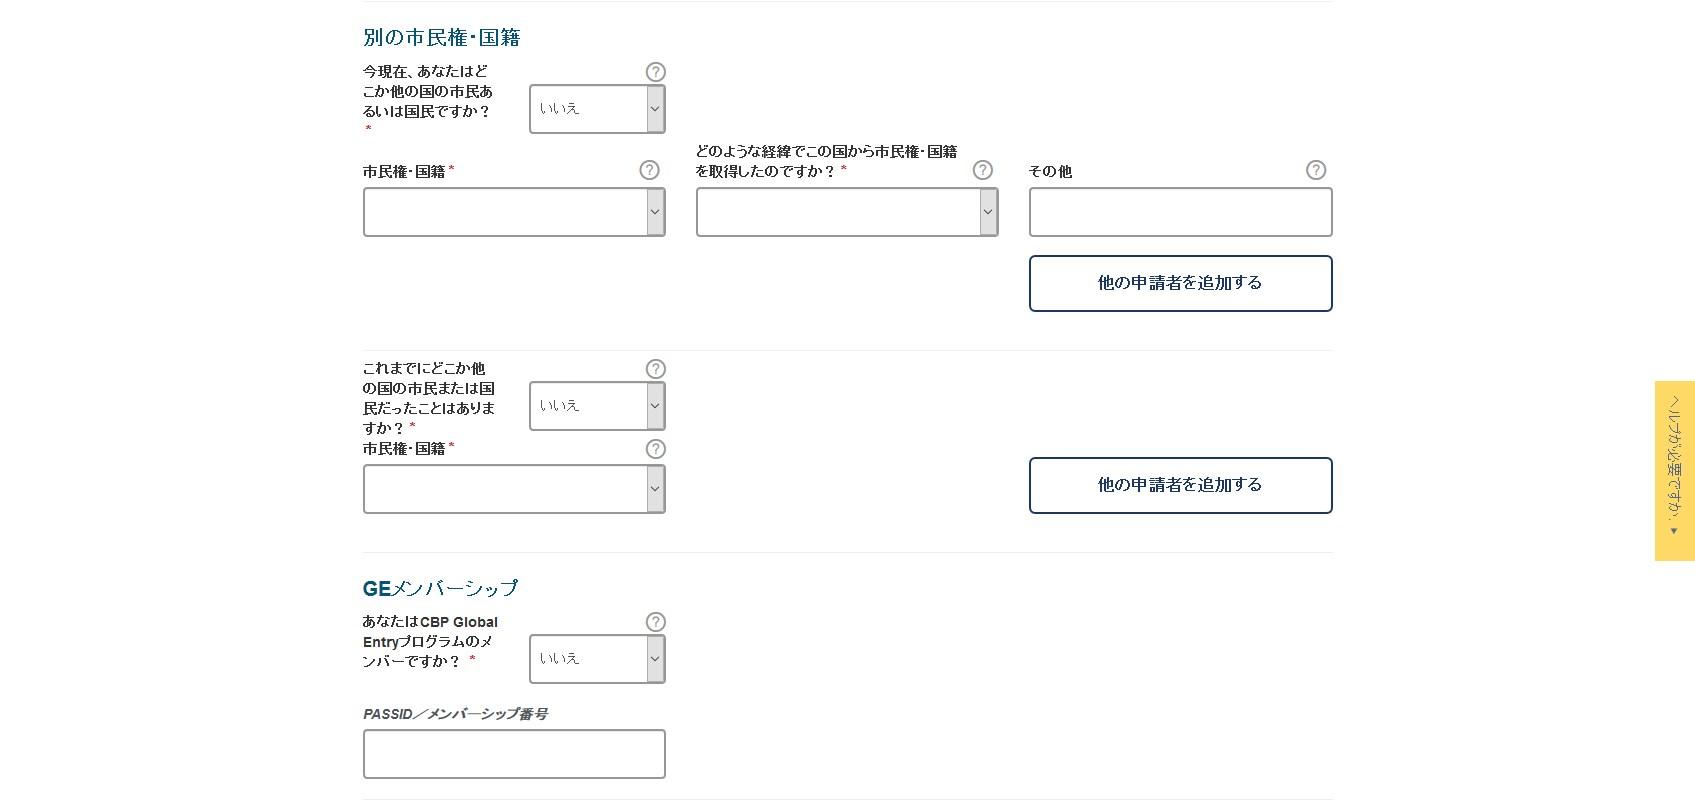 申請者の情報入力例04_GEメンバーシップ